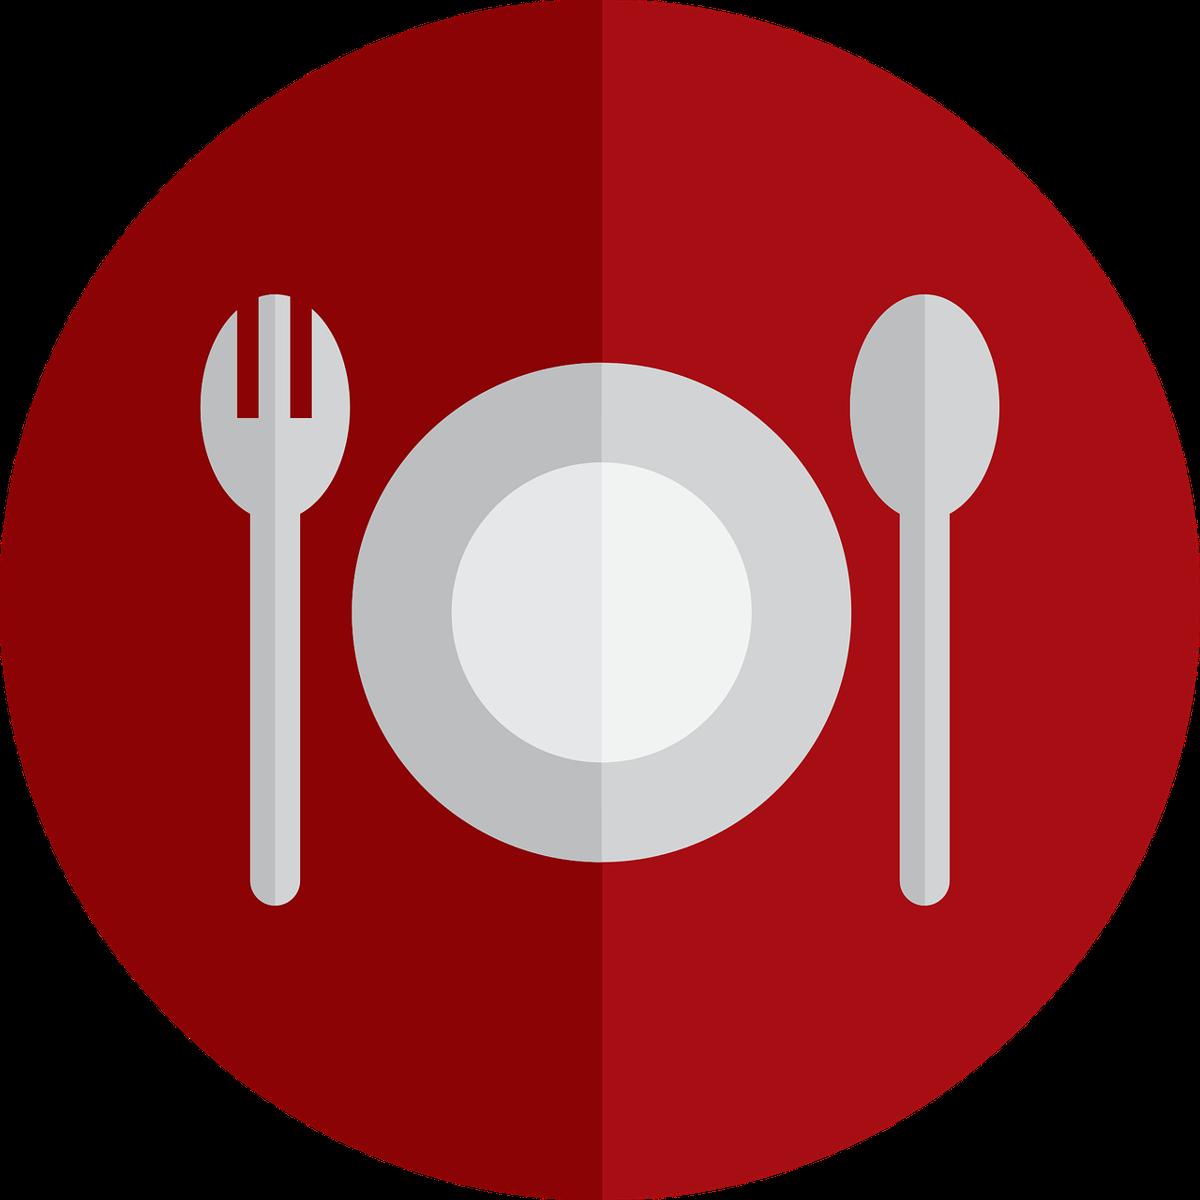 stock dinner plate